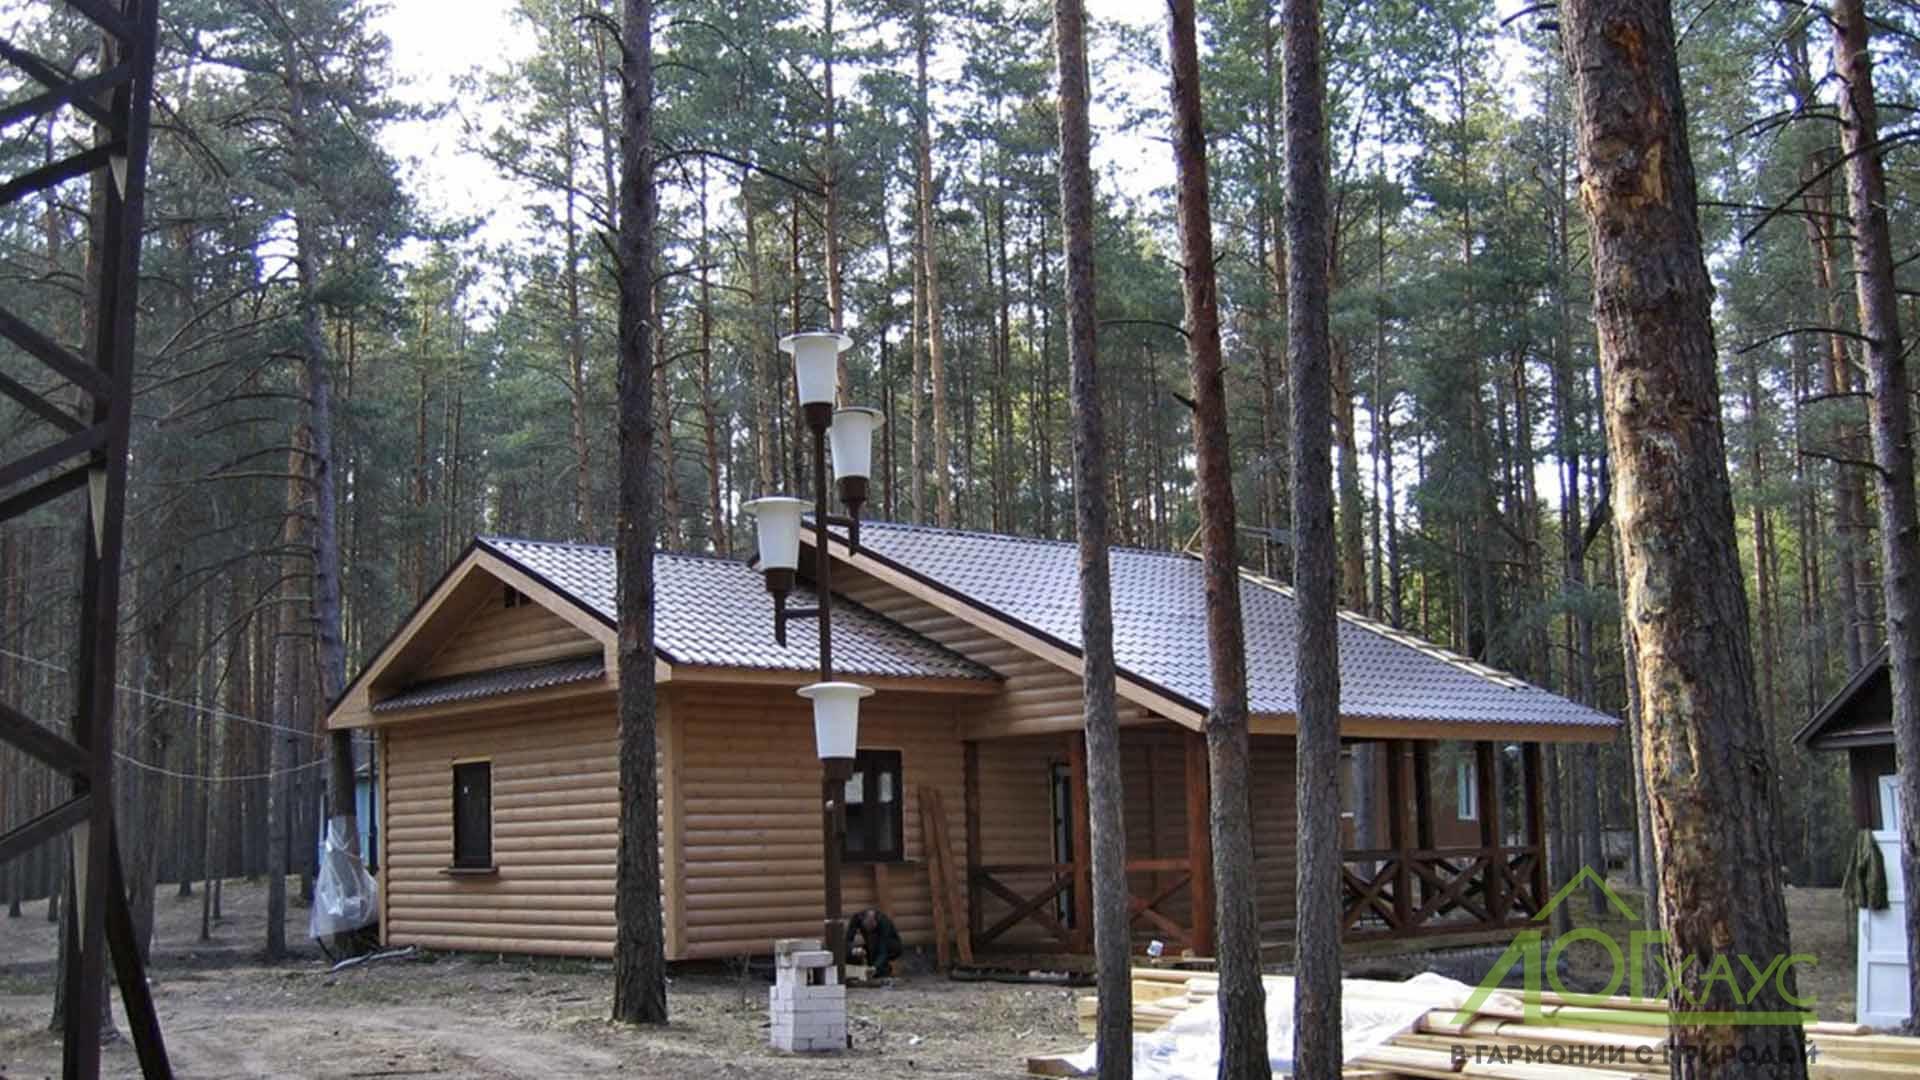 Баня на участке в лесу, среди деревьев